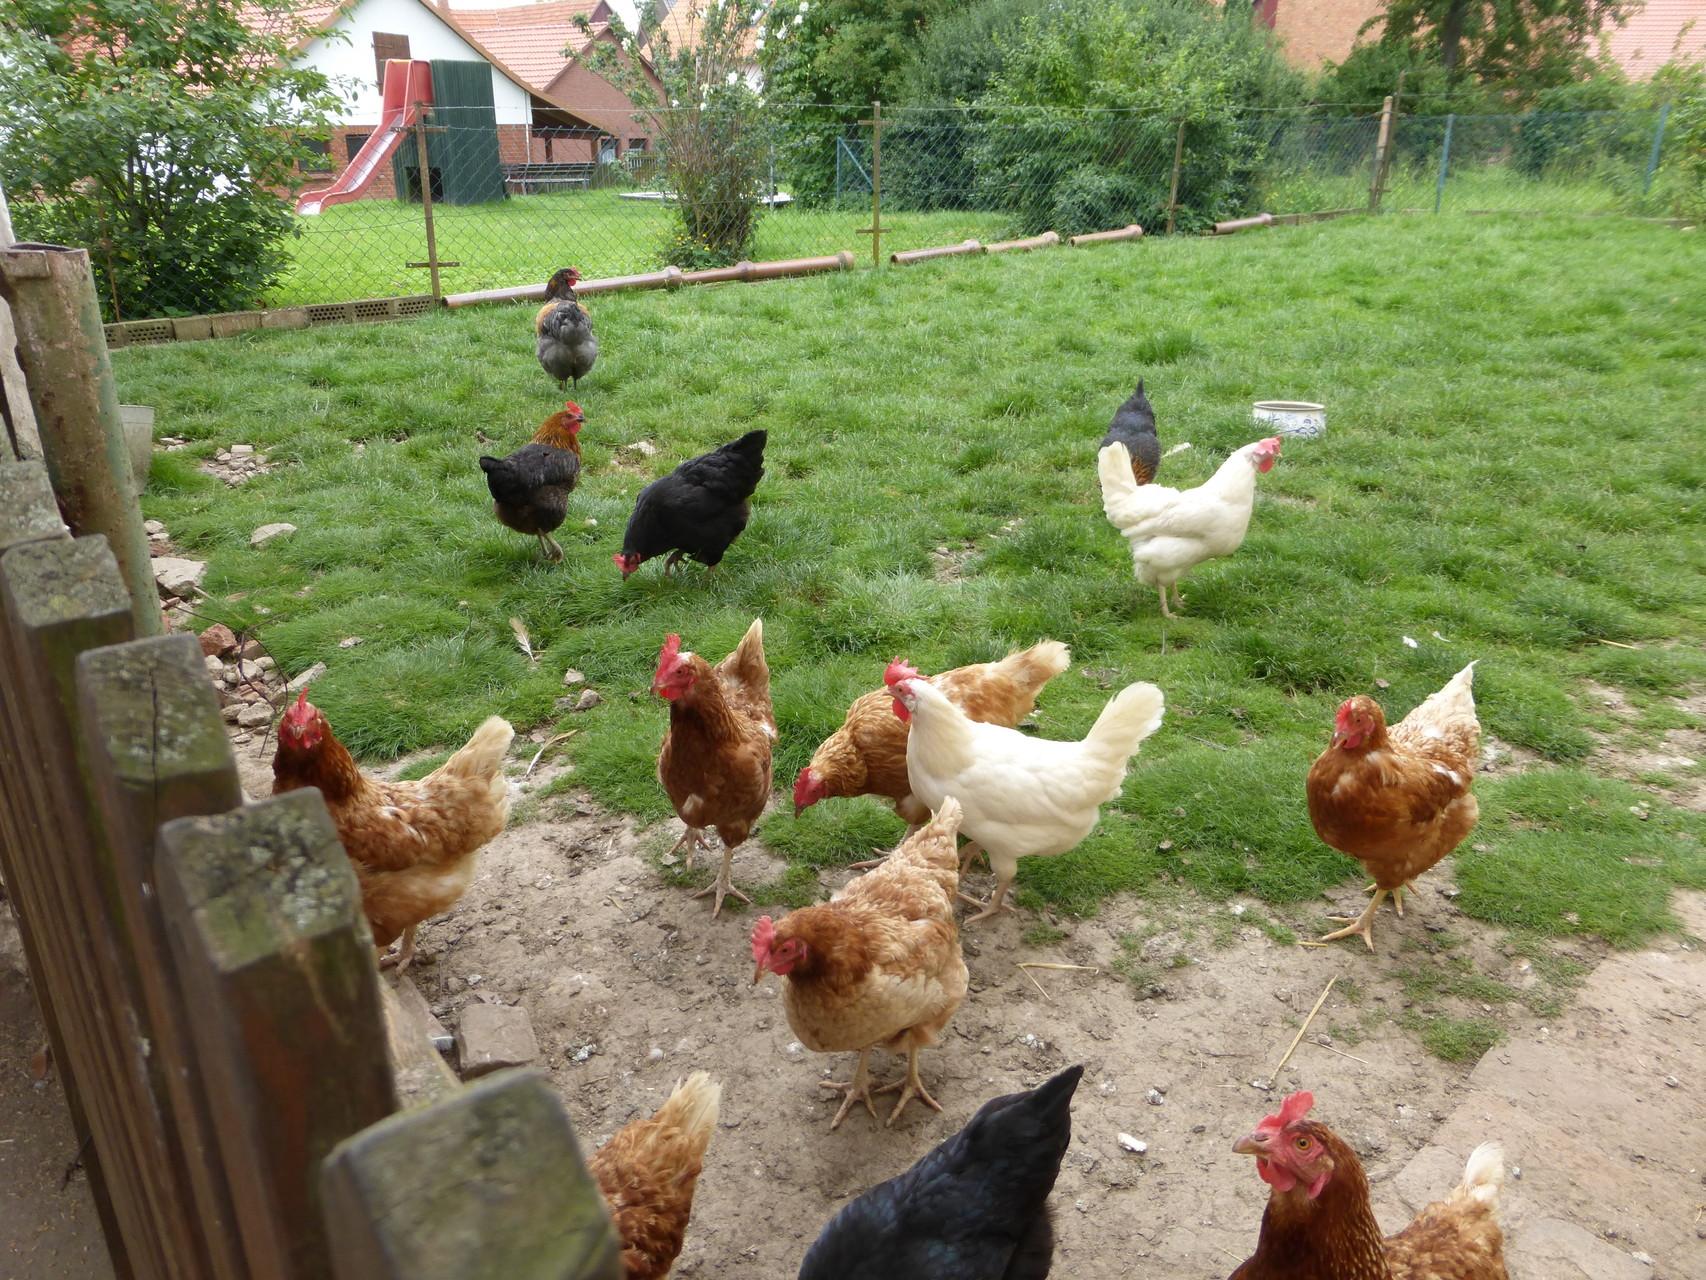 Schnell haben sich ein paar Hühner Orpi angeschlossen und himmeln ihn an.